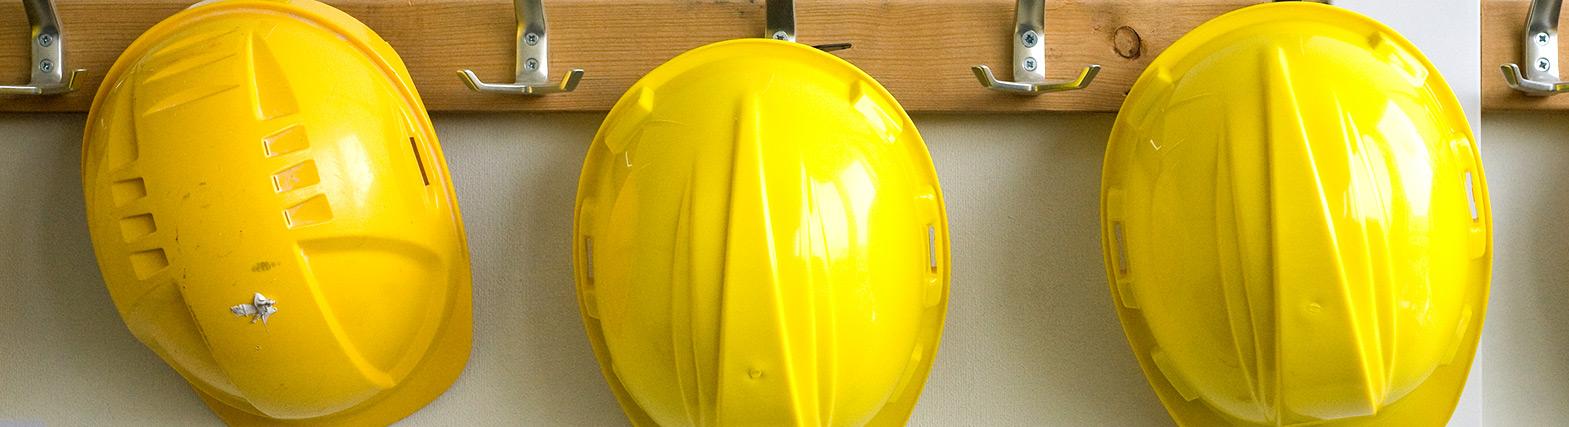 Formazione per addetto alla prevenzione incendi ed evacuazione in aziende a  rischio incendio basso